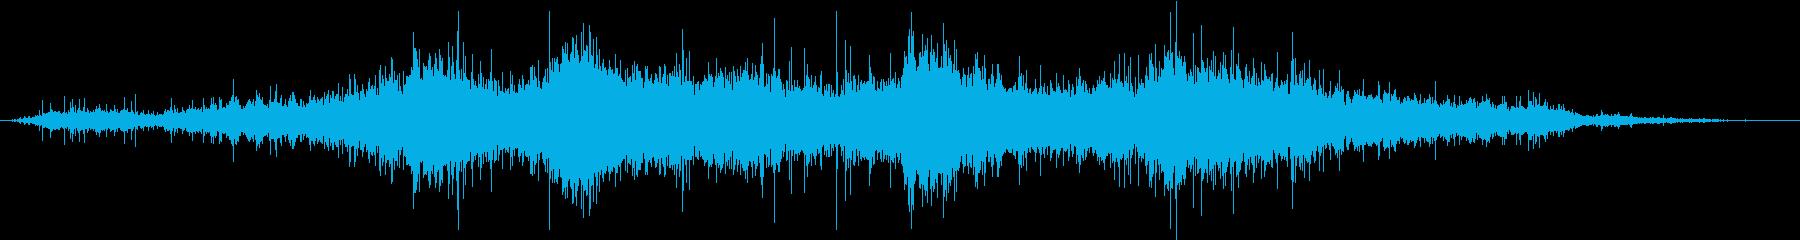 植生 木小葉ラッスルヘビー04の再生済みの波形